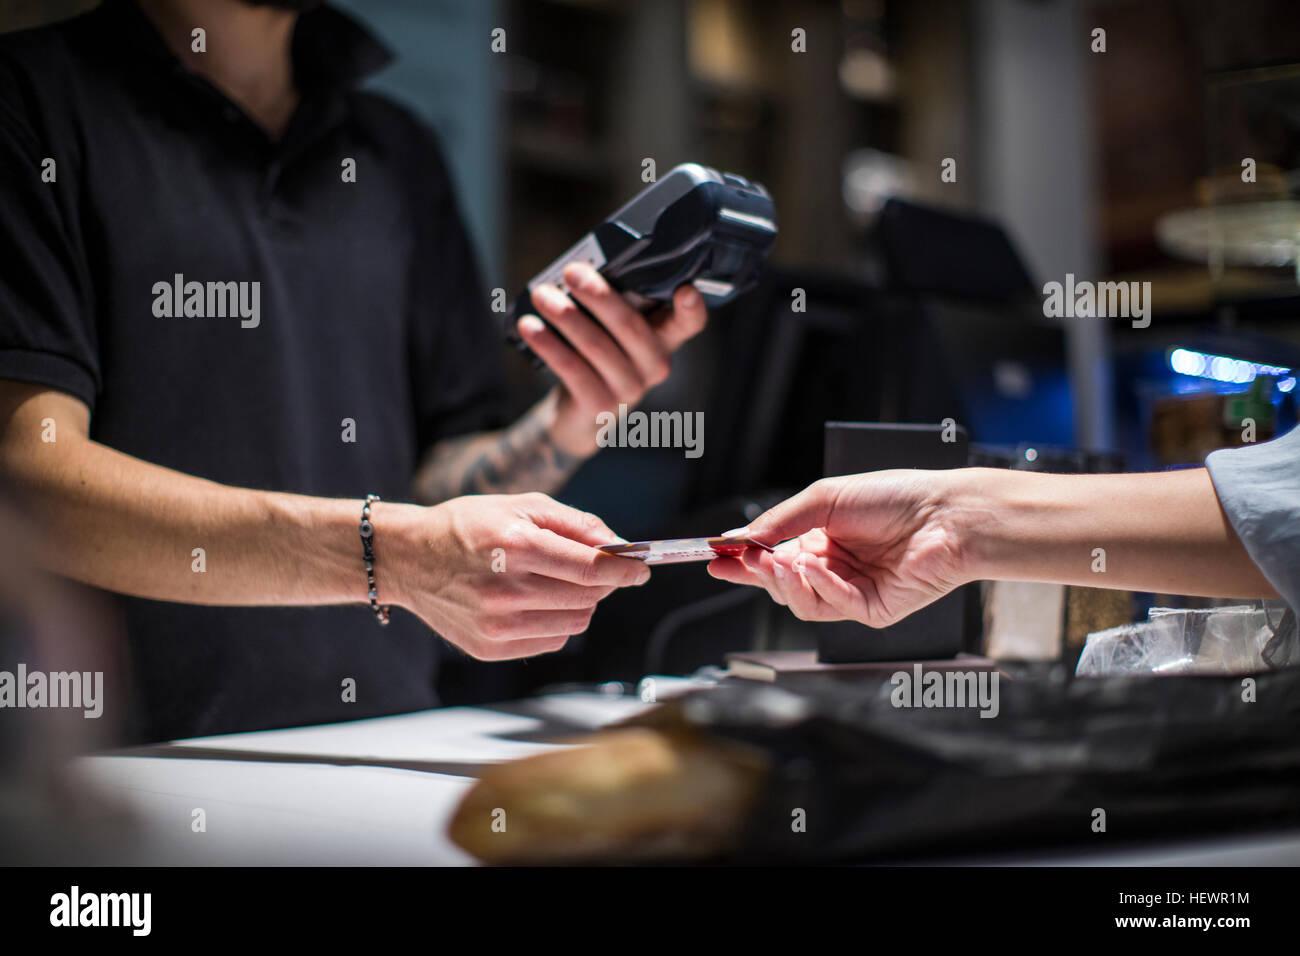 Cerca de barista, entregando a la tarjeta de crédito del cliente femenino Imagen De Stock